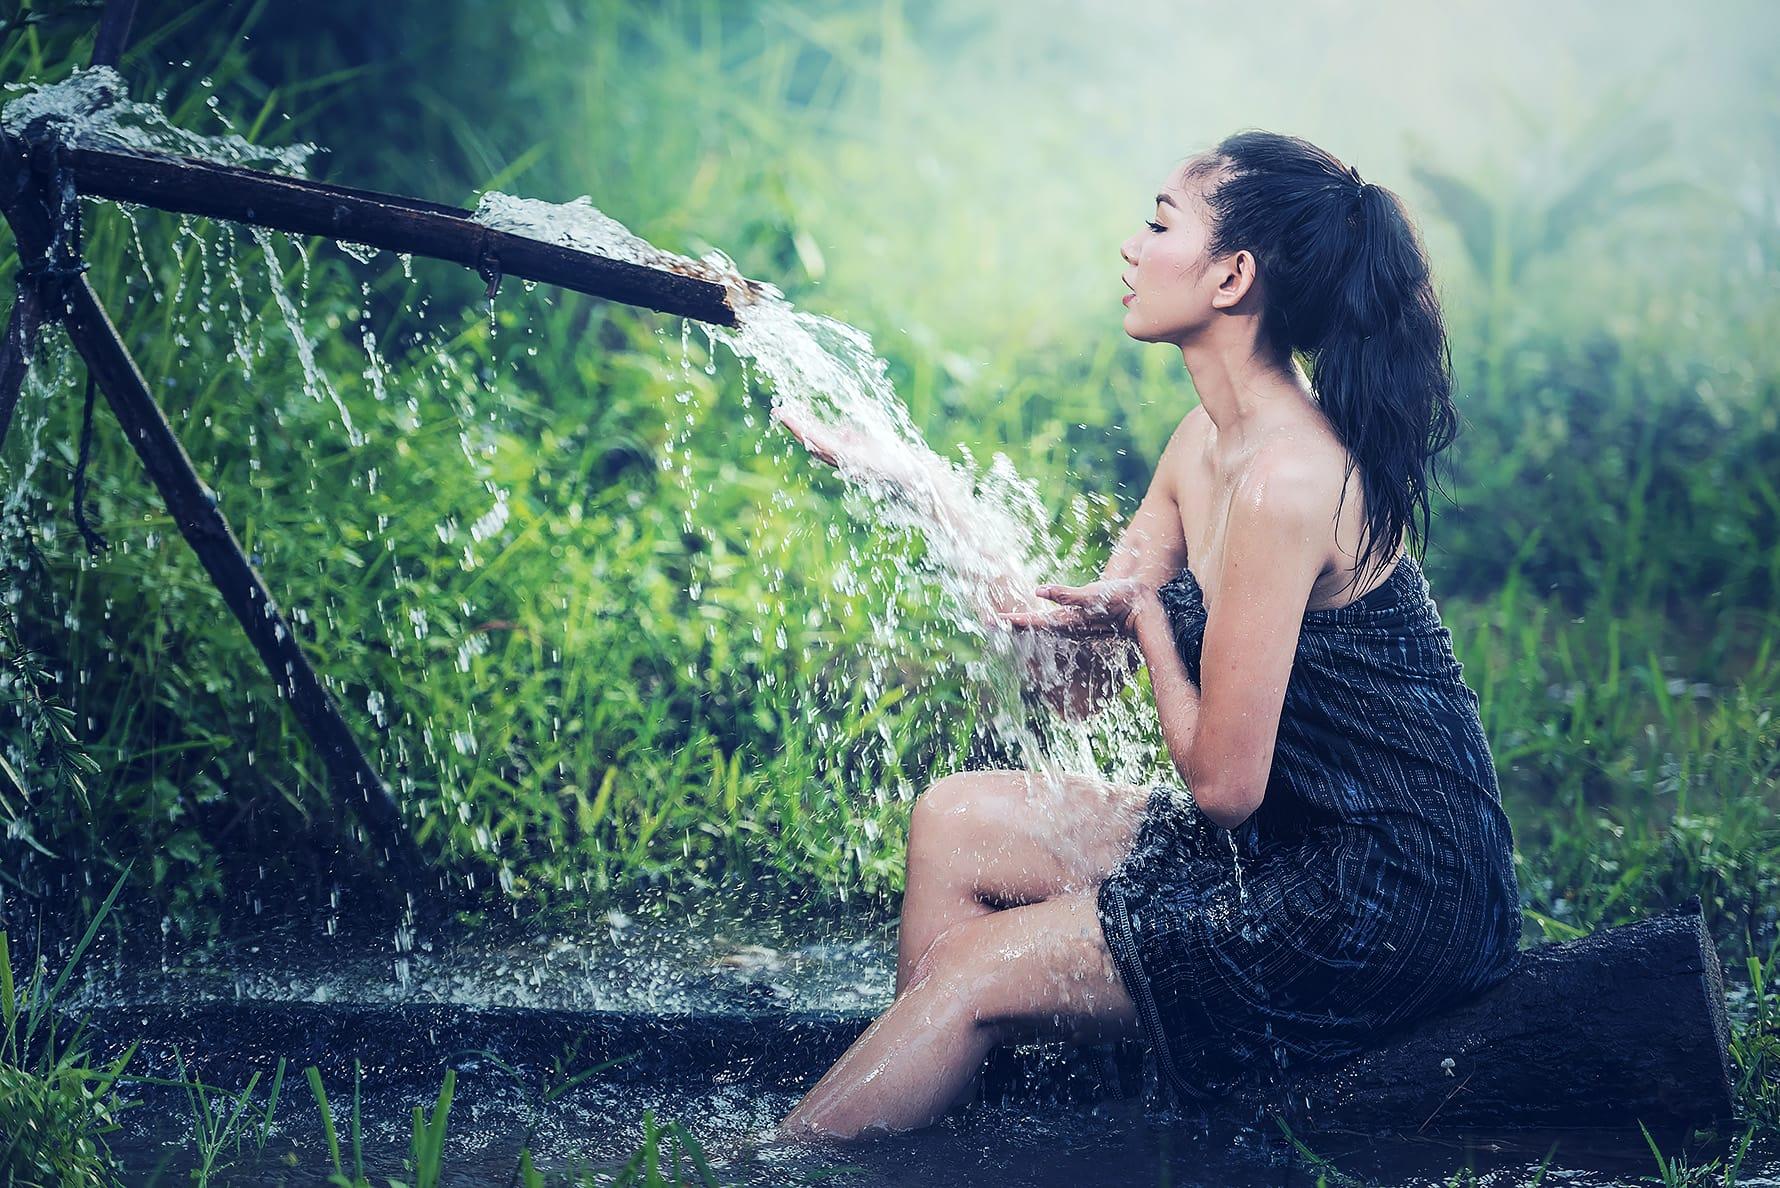 osnovna higienska pravila za frizersko delo